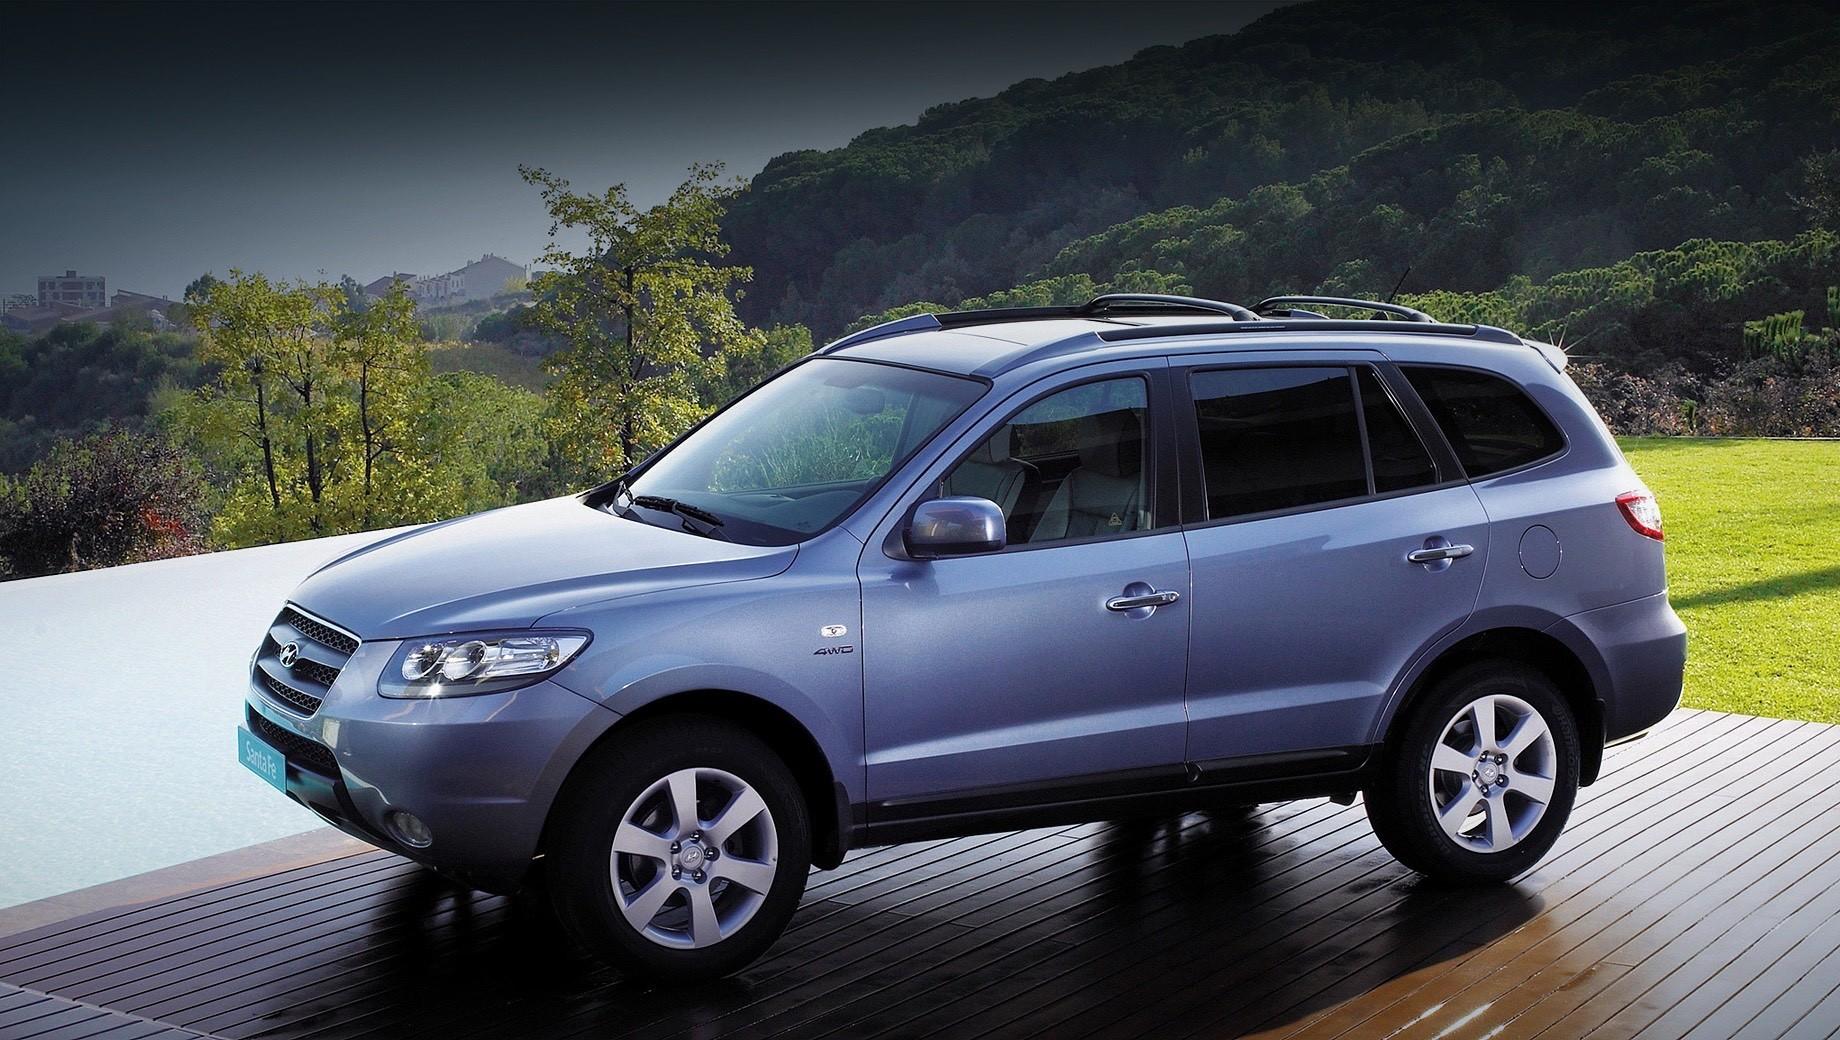 Hyundai santa fe,Hyundai elantra,Hyundai i30. Под раздачу попал «второй» Santa Fe (2006–2012). В России он был доступен с турбодизелем 2.2 (197 л.с.), бензиновыми «шестёркой» 2.7 (189 л.с.) и «четвёркой» 2.4 (174 л.с.), «механикой», «автоматом» и полным приводом.